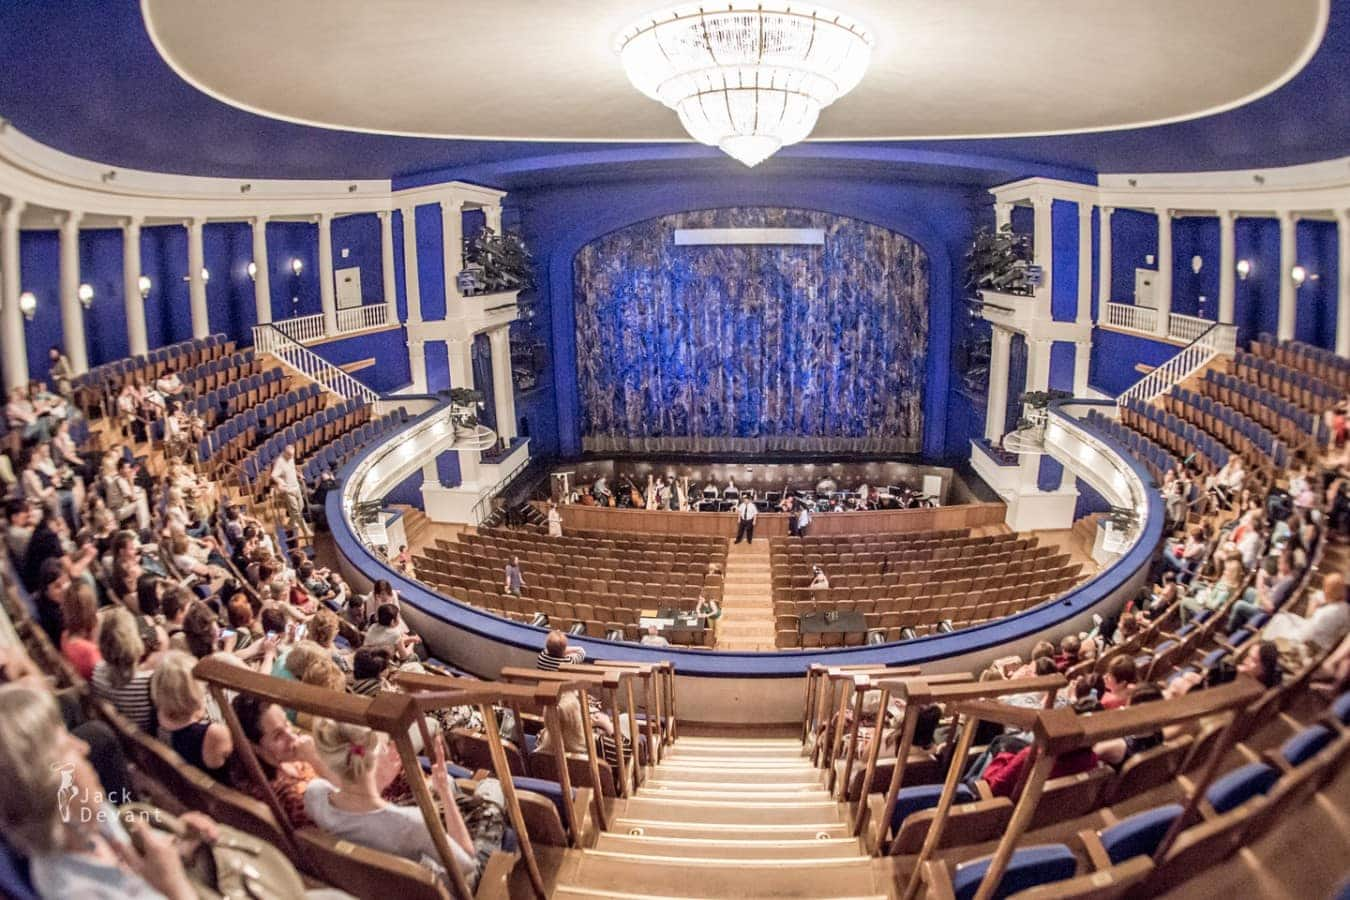 Московский музыкальный театр имени Станиславского и Немировича-Данченко объявил свои планы на осень 2015 года